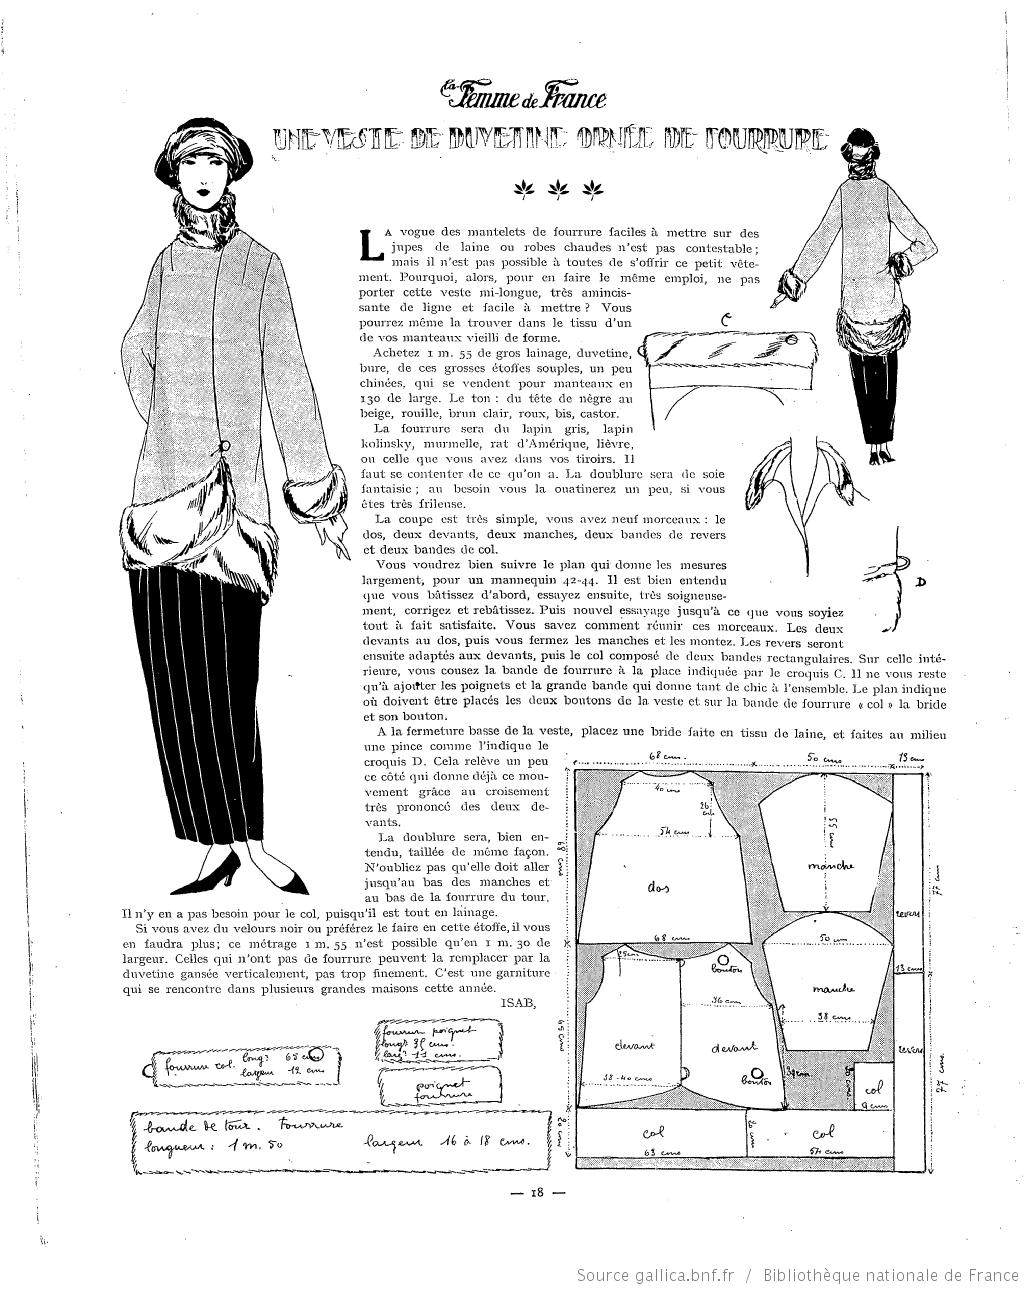 Les Modes de la femme de France 1922/11 | En 1920 & 1930 | Pinterest ...